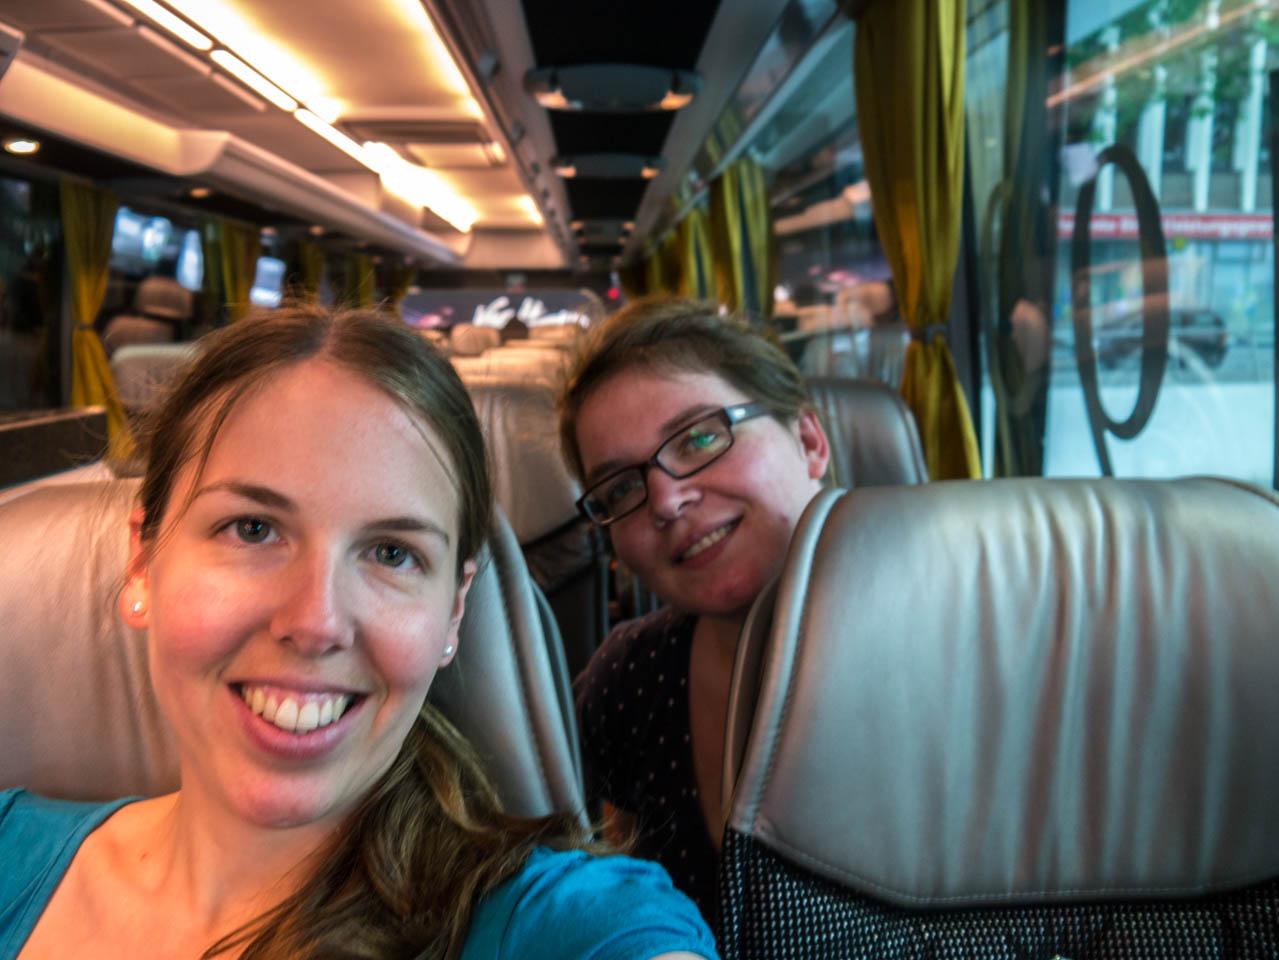 Mädels im Mannschaftsbus (1 von 1)